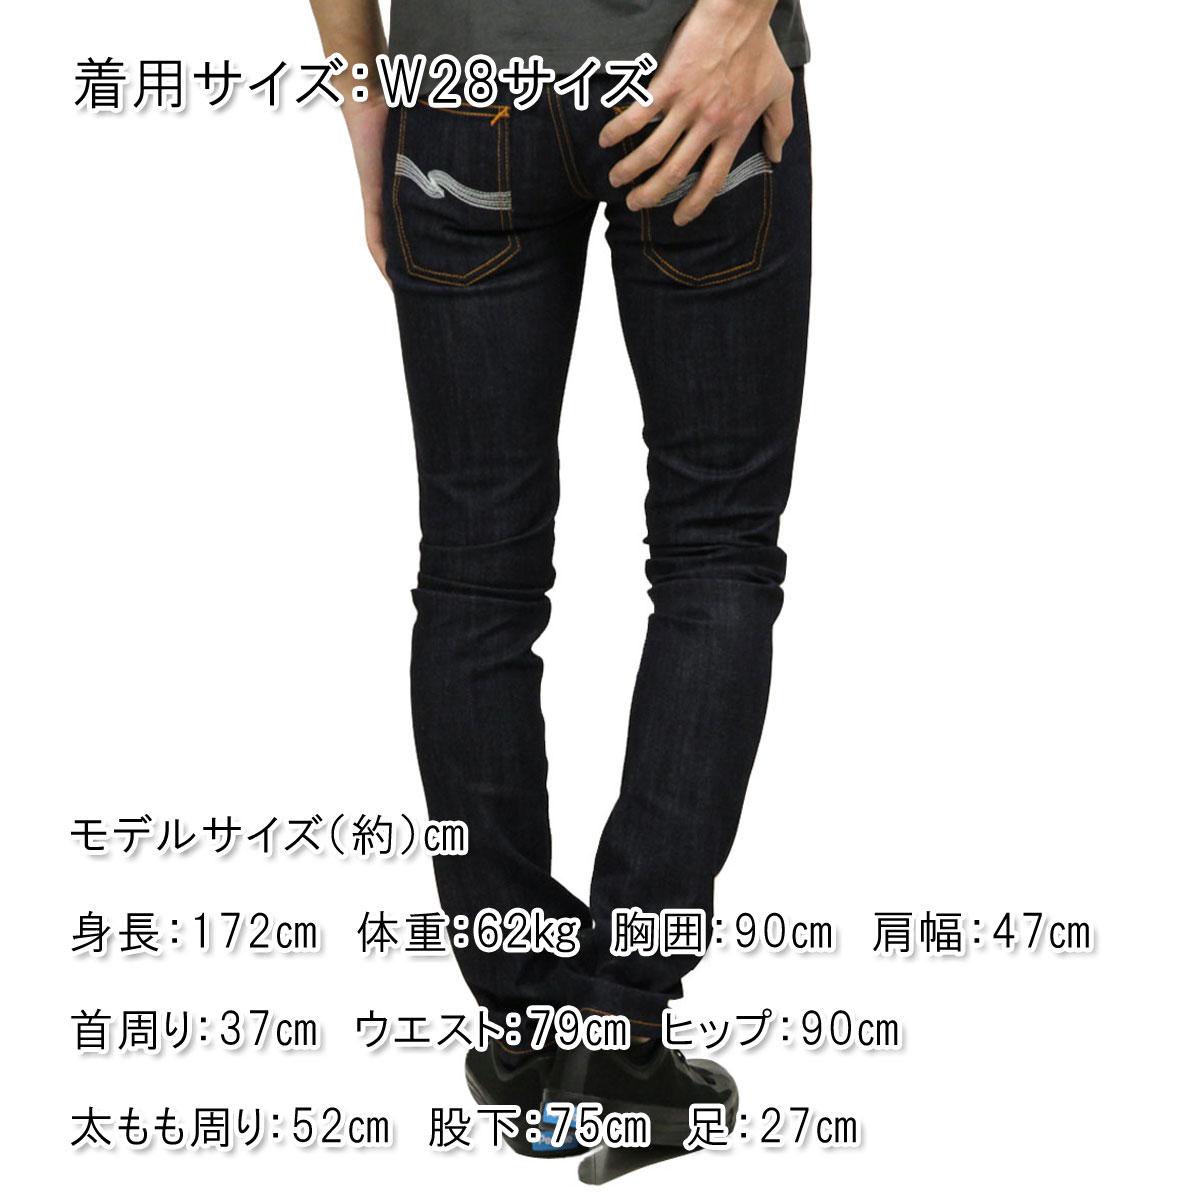 ヌーディージーンズ ジーンズ メンズ 正規販売店 Nudie Jeans ジーパン  Thin Finn Organic Dry Ecru Emb 559 1102680 A62B B1C C2D D1E E06F